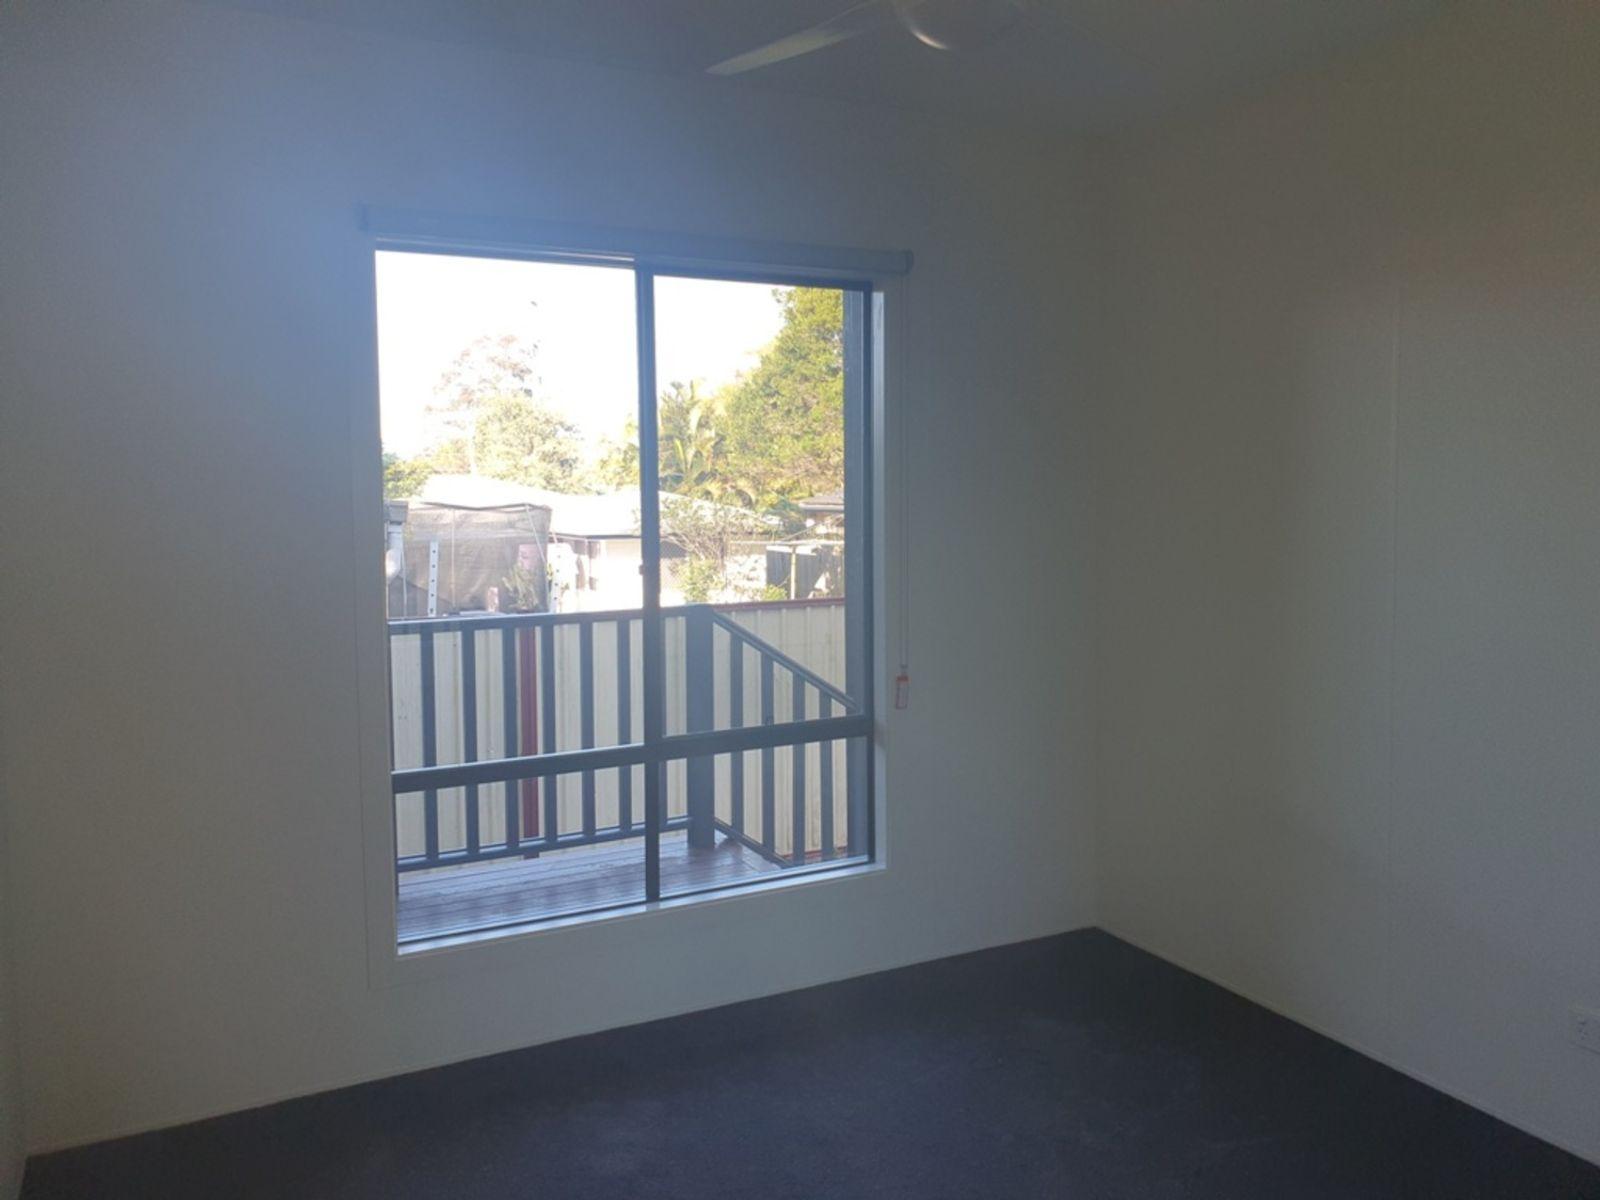 8A Wunburra Street, Waterford West, QLD 4133